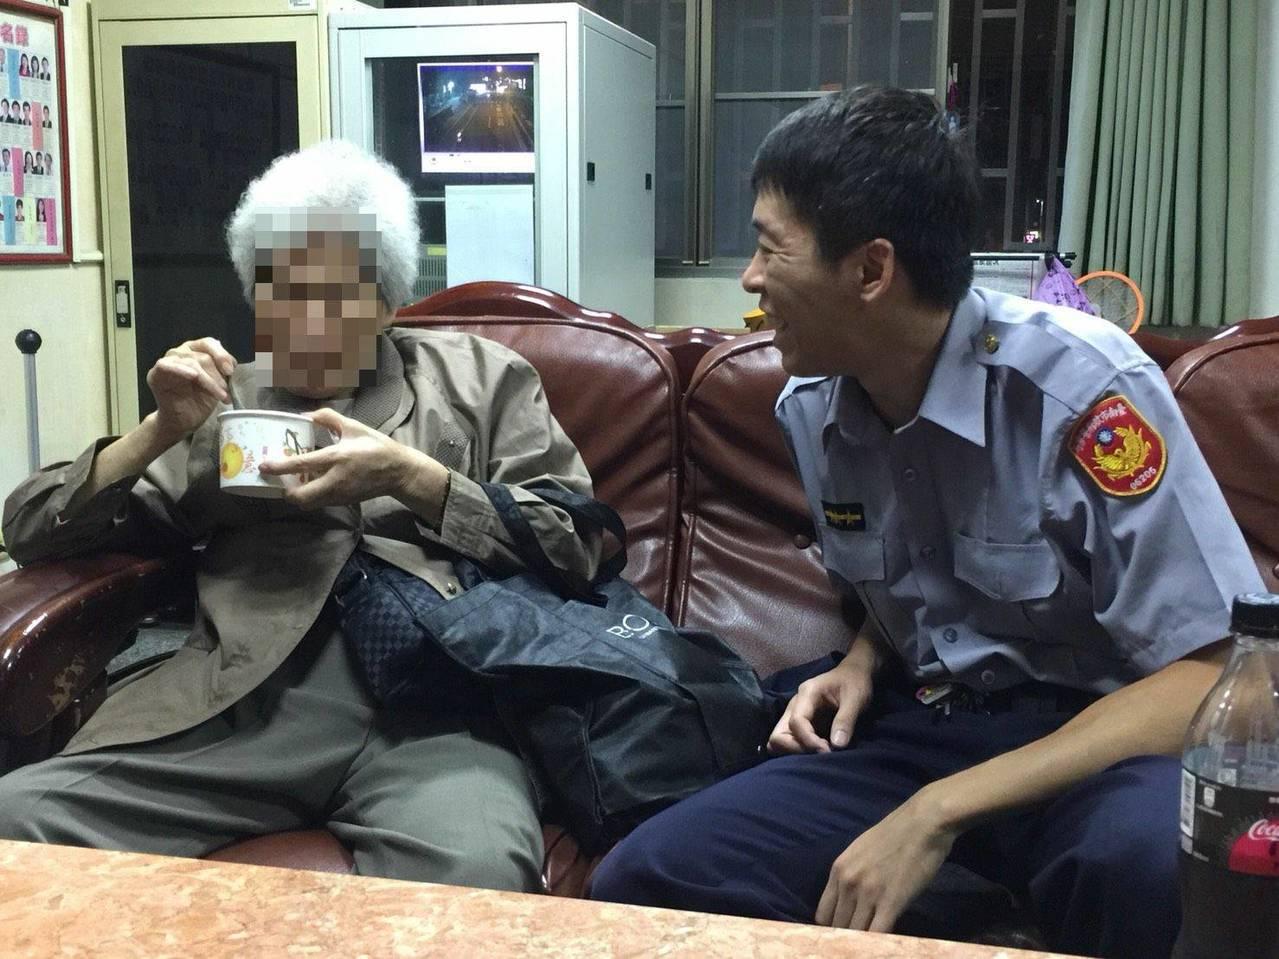 楊宗育(右)專注陪著老婦人吃粥充飢,留下溫馨畫面。圖/善化警分局提供